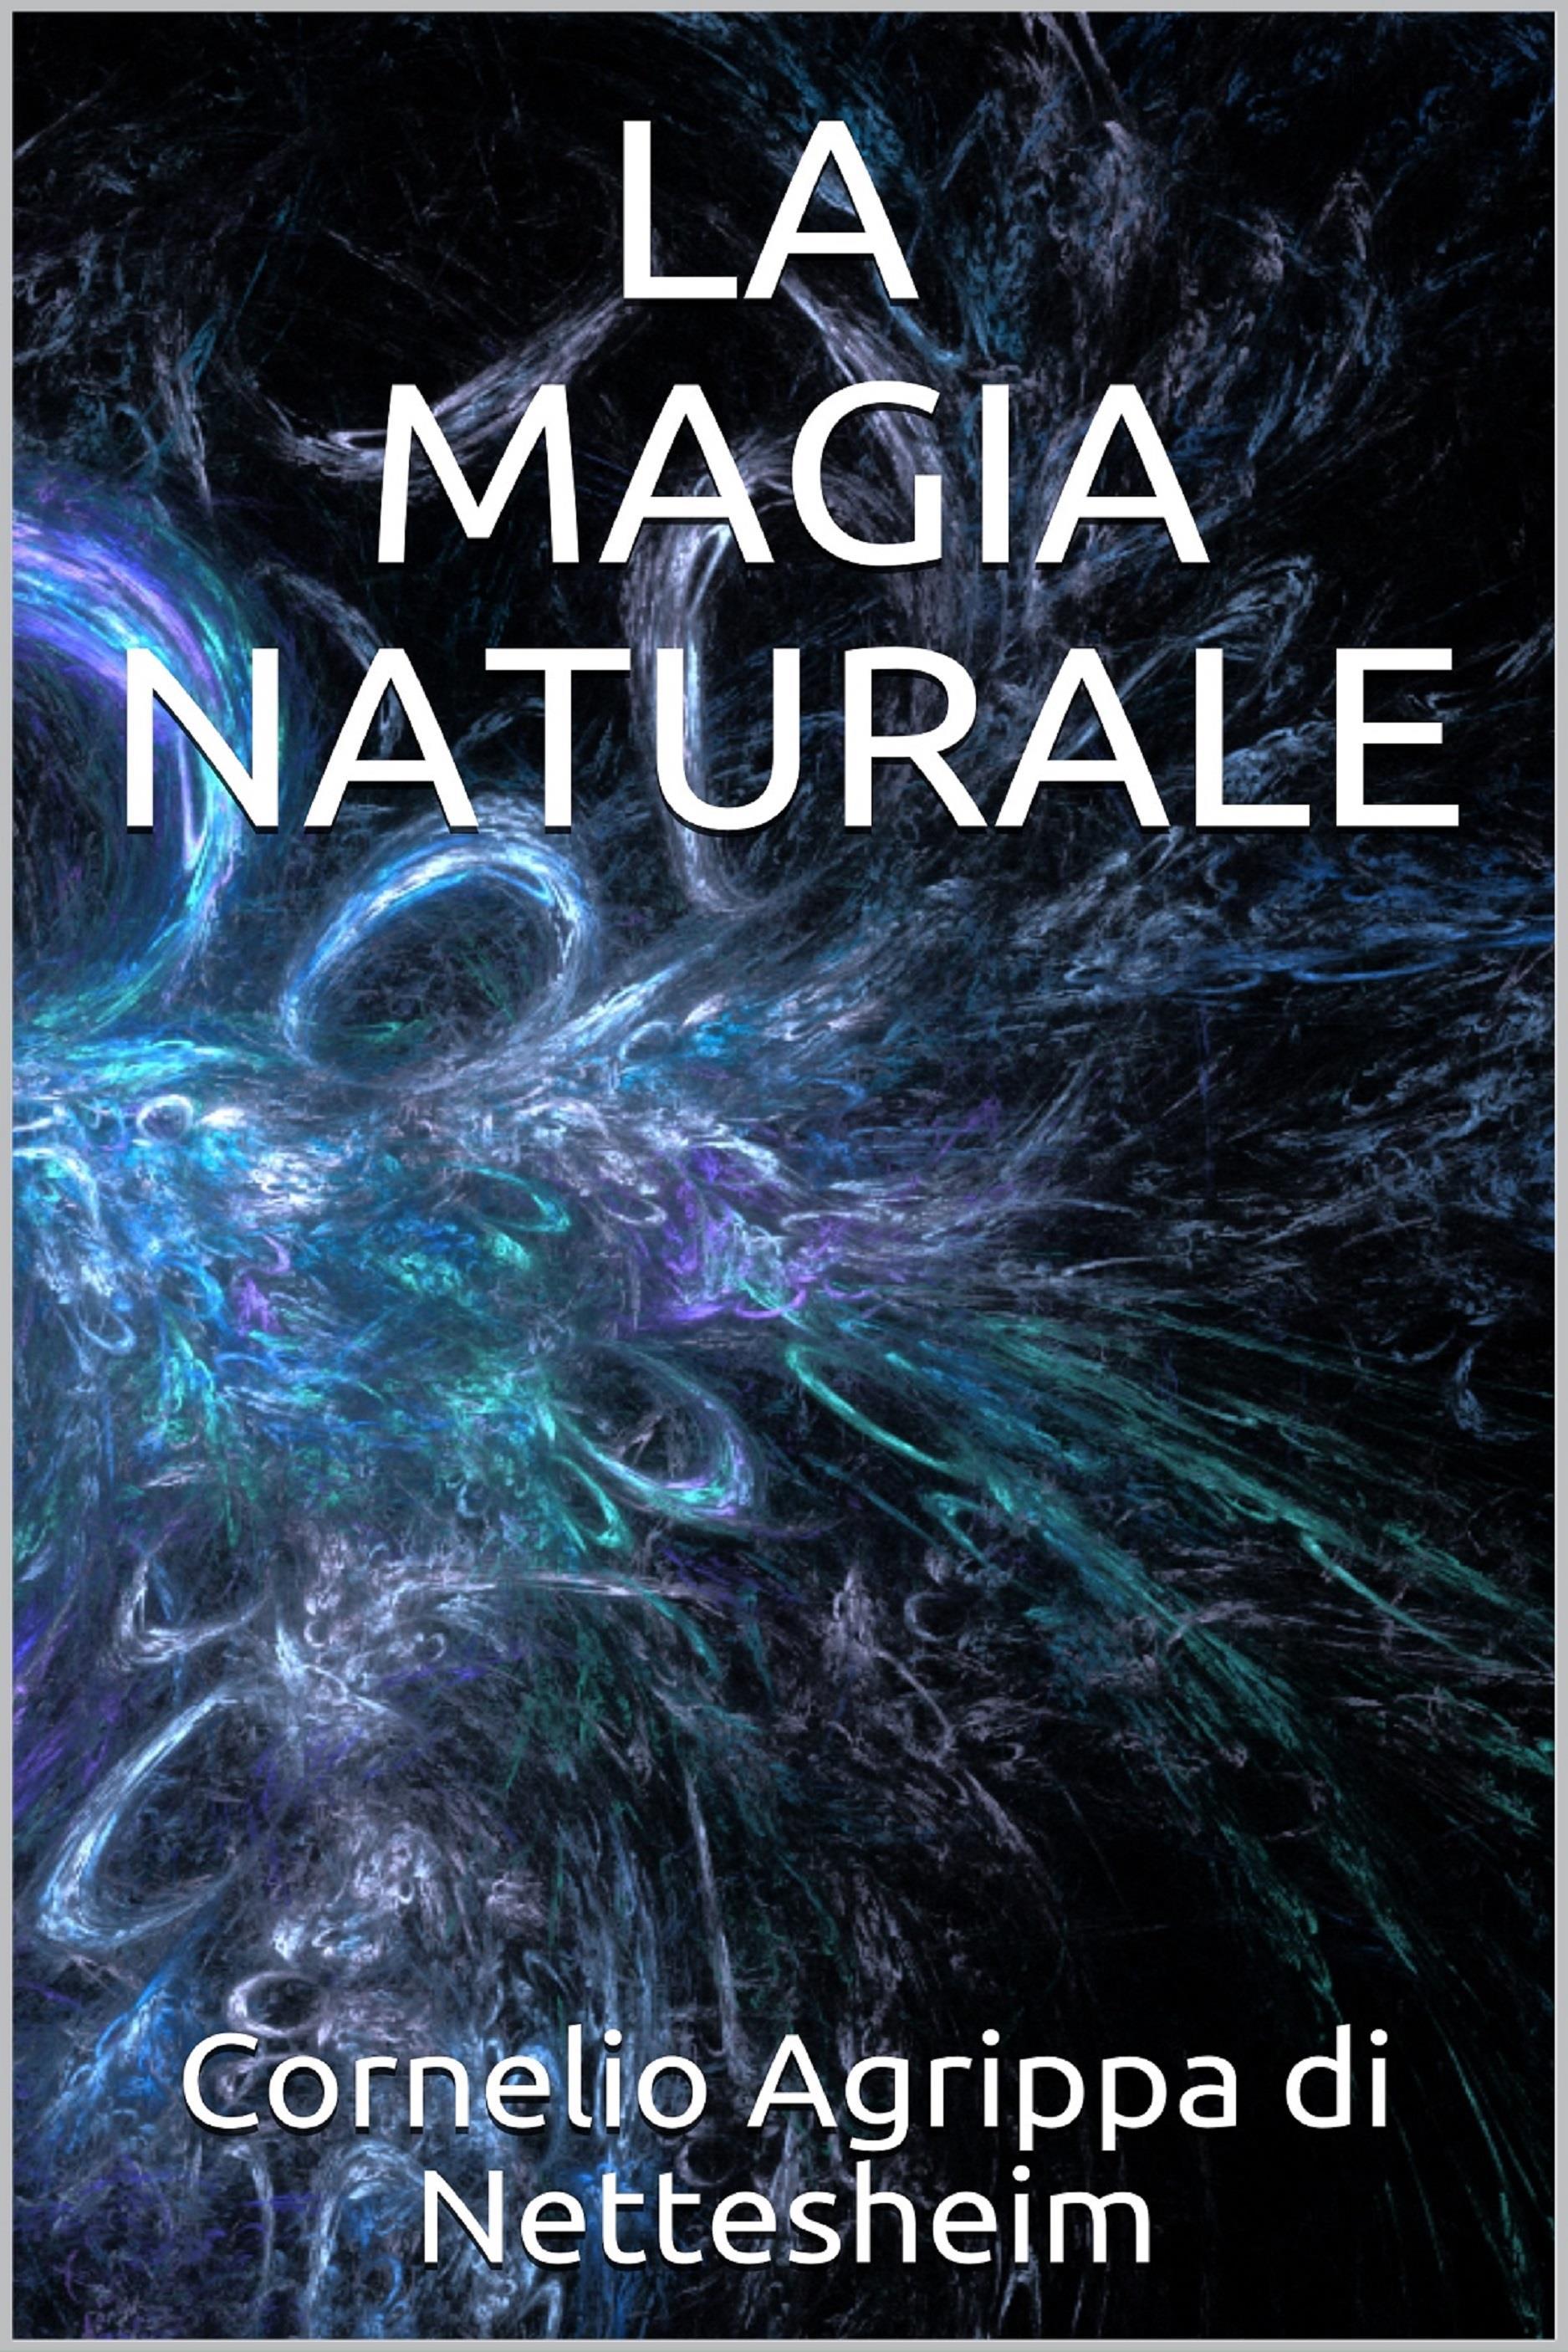 La magia naturale